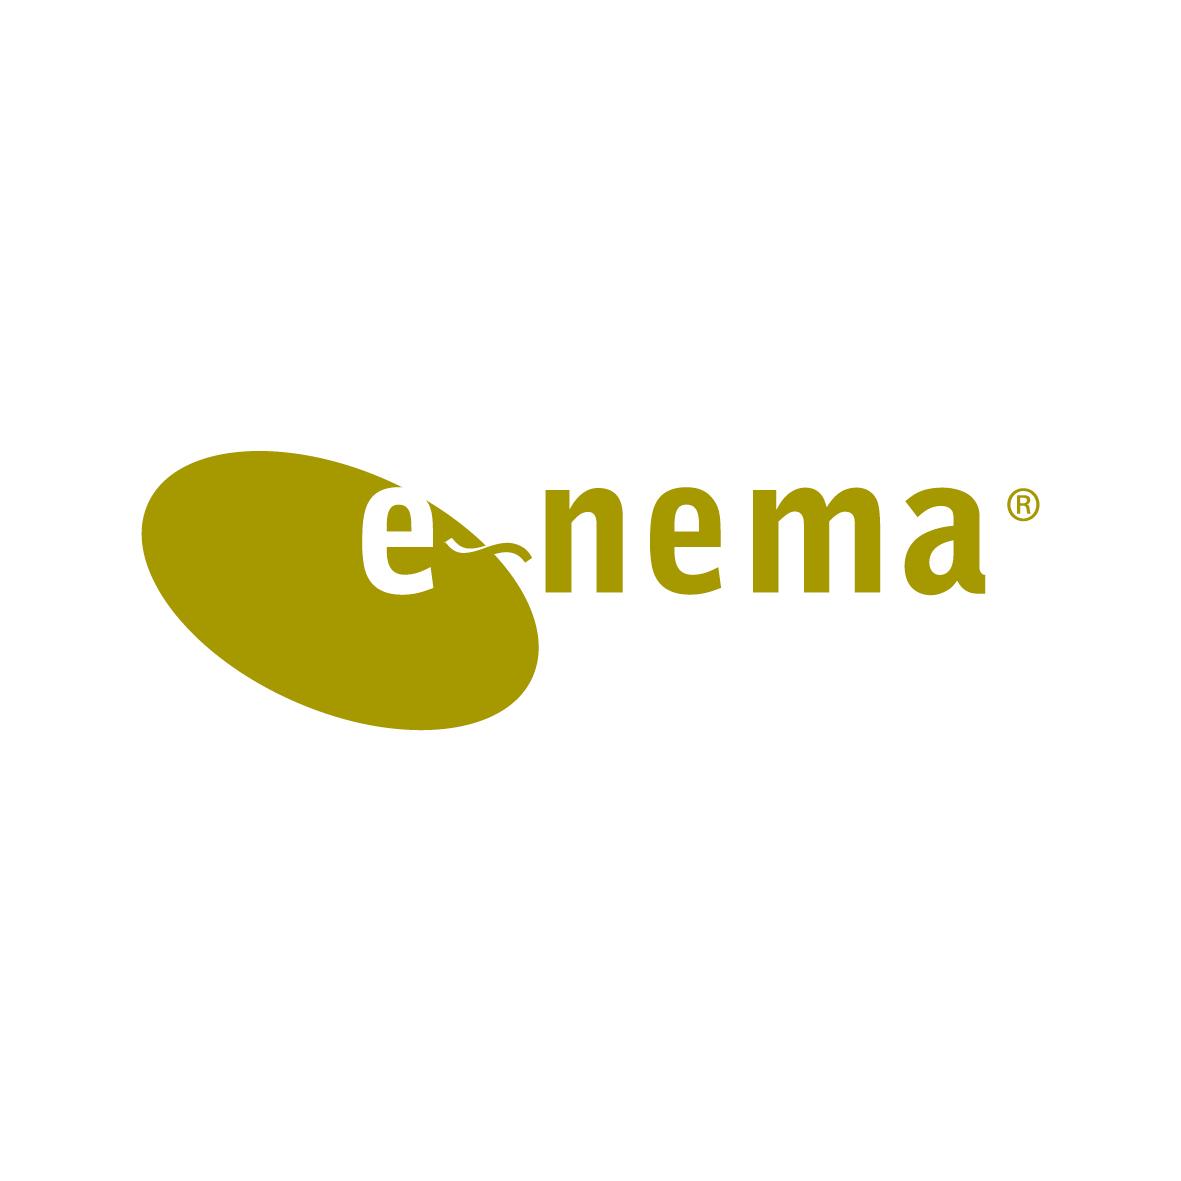 e-nema